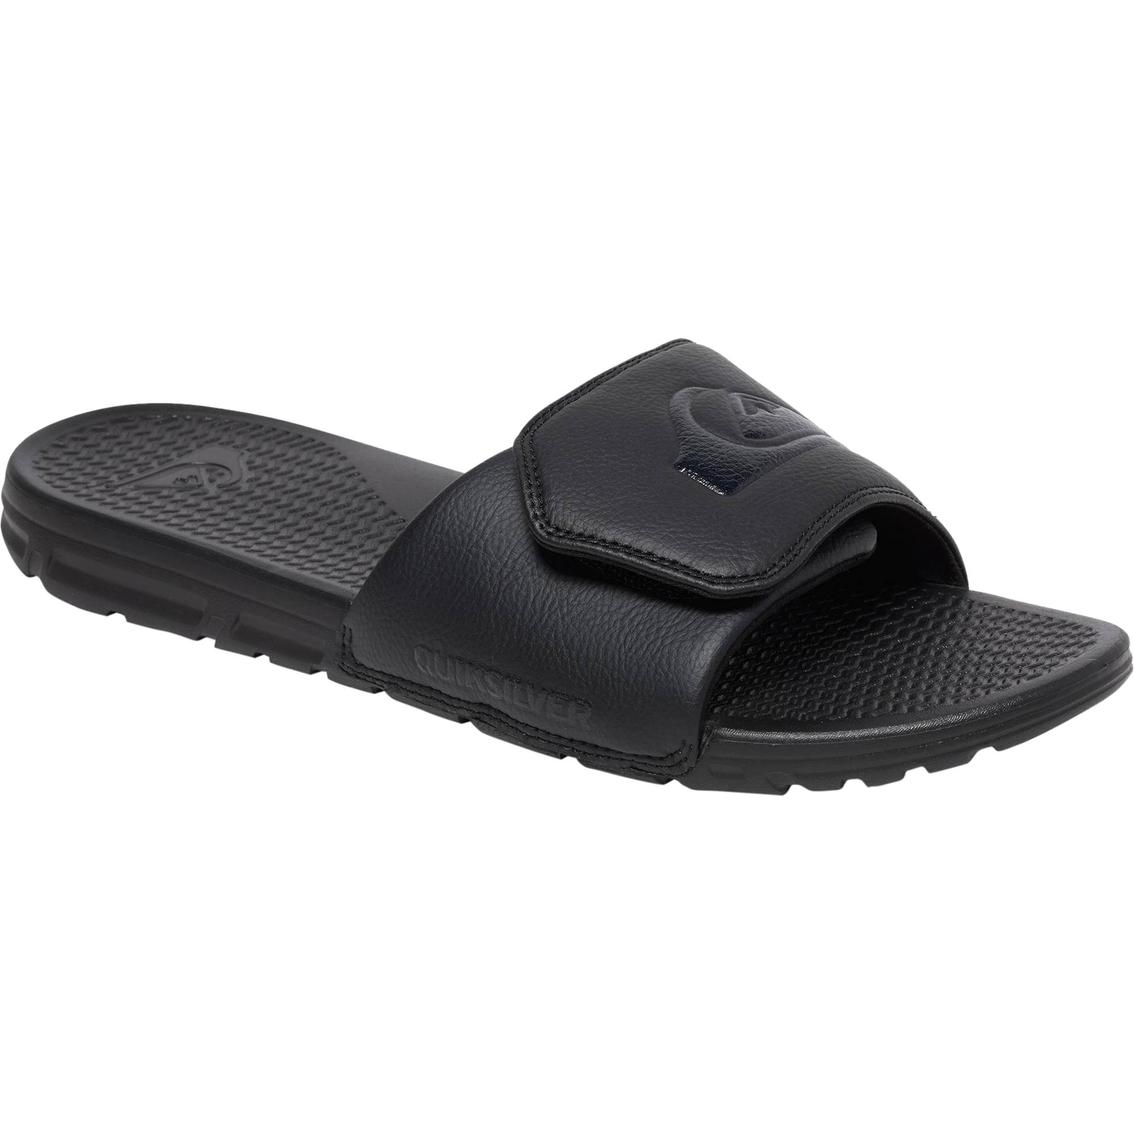 c7034035548 Quiksilver Shoreline Adjust Sandals